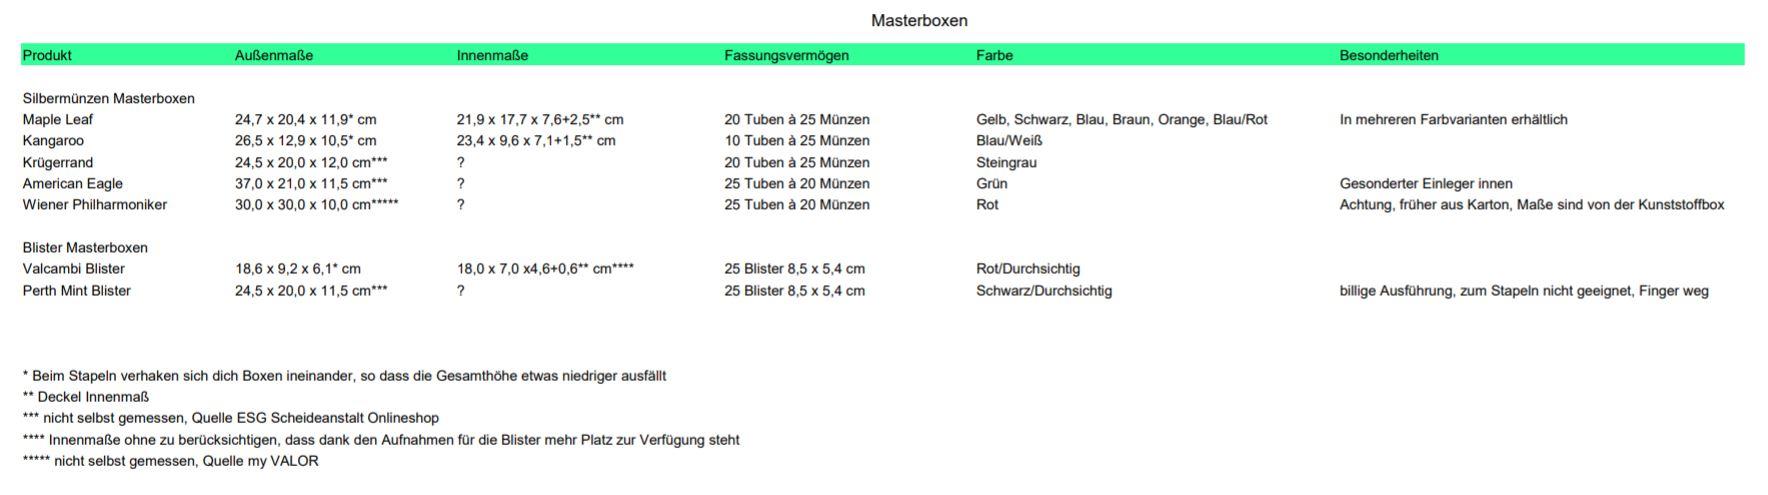 Masterbox Masse.JPG